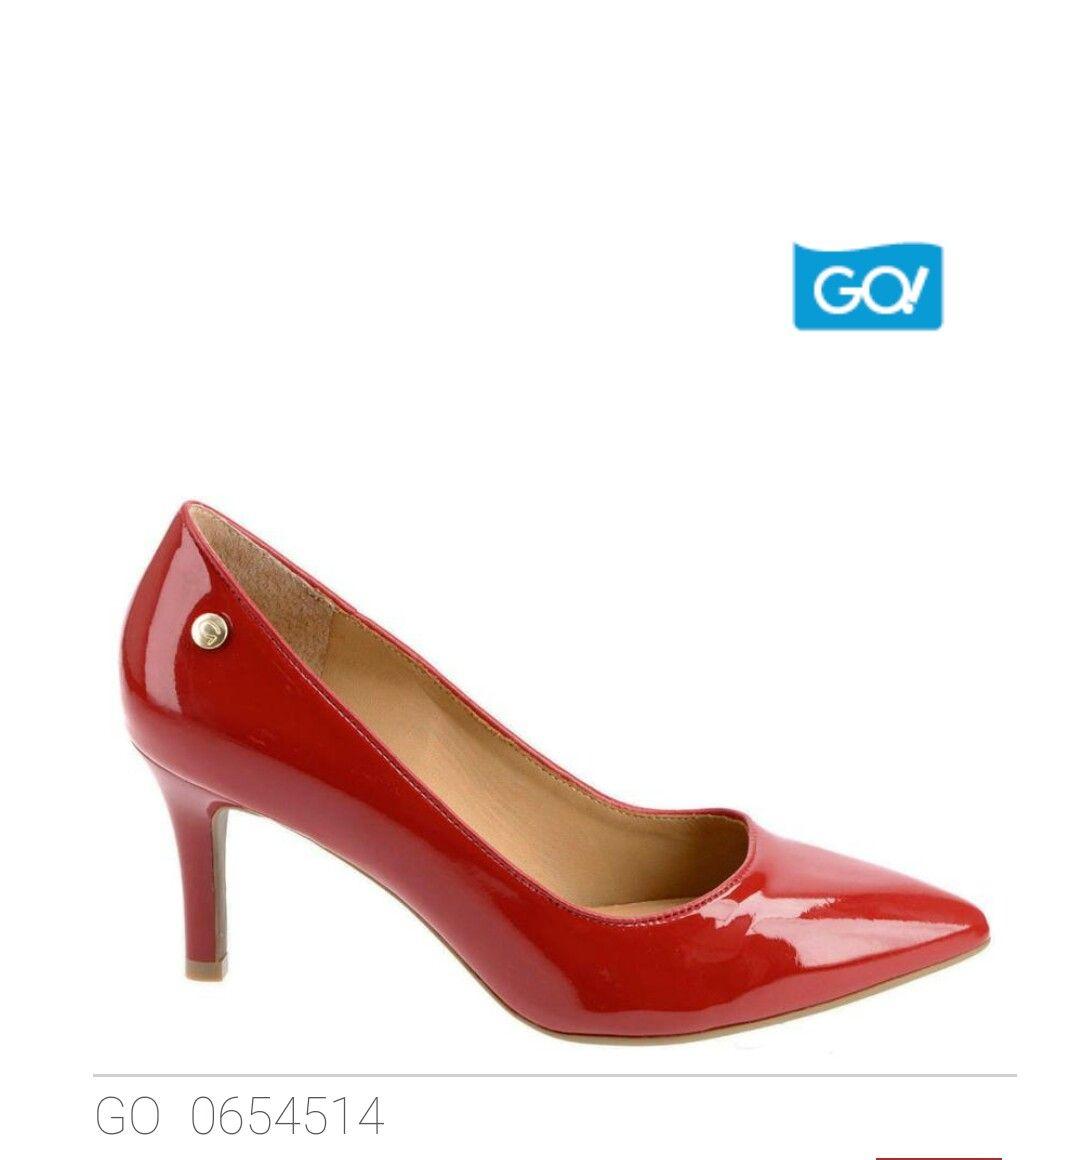 774c7b14 Zapato reina charol Gacel | Wish list en 2019 | Zapatos reina ...